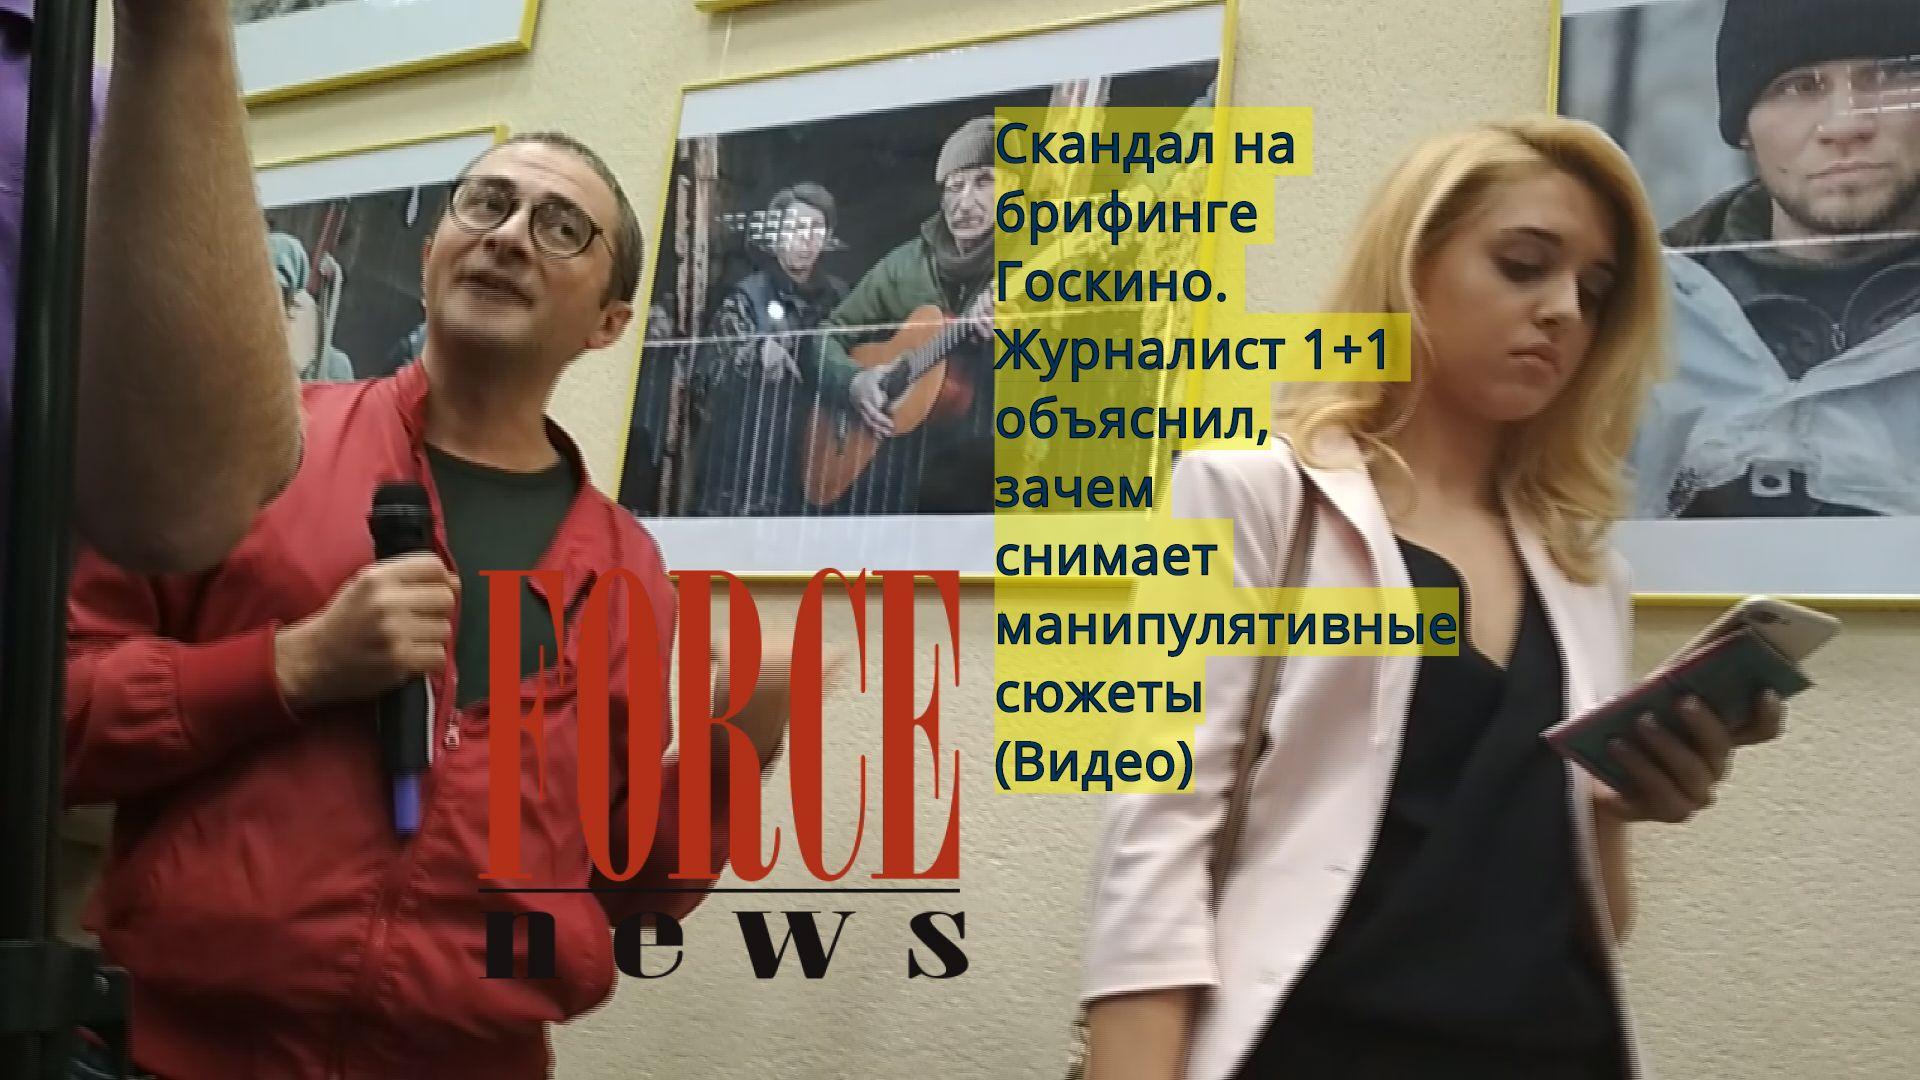 Скандал на брифинге Госкино. Журналист 1+1 объяснил, зачем снимает манипулятивные сюжеты(Видео)